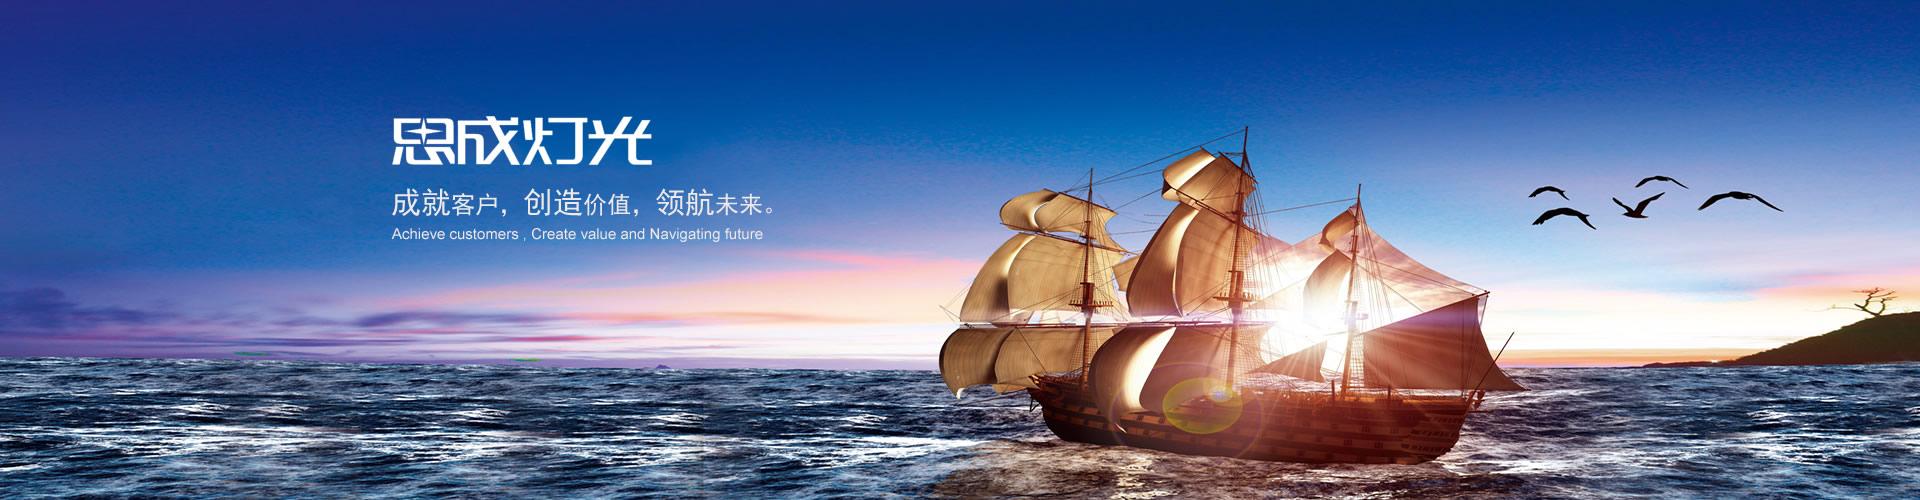 广州思成灯光音响科技有限公司,舞台灯光一站式服务平台